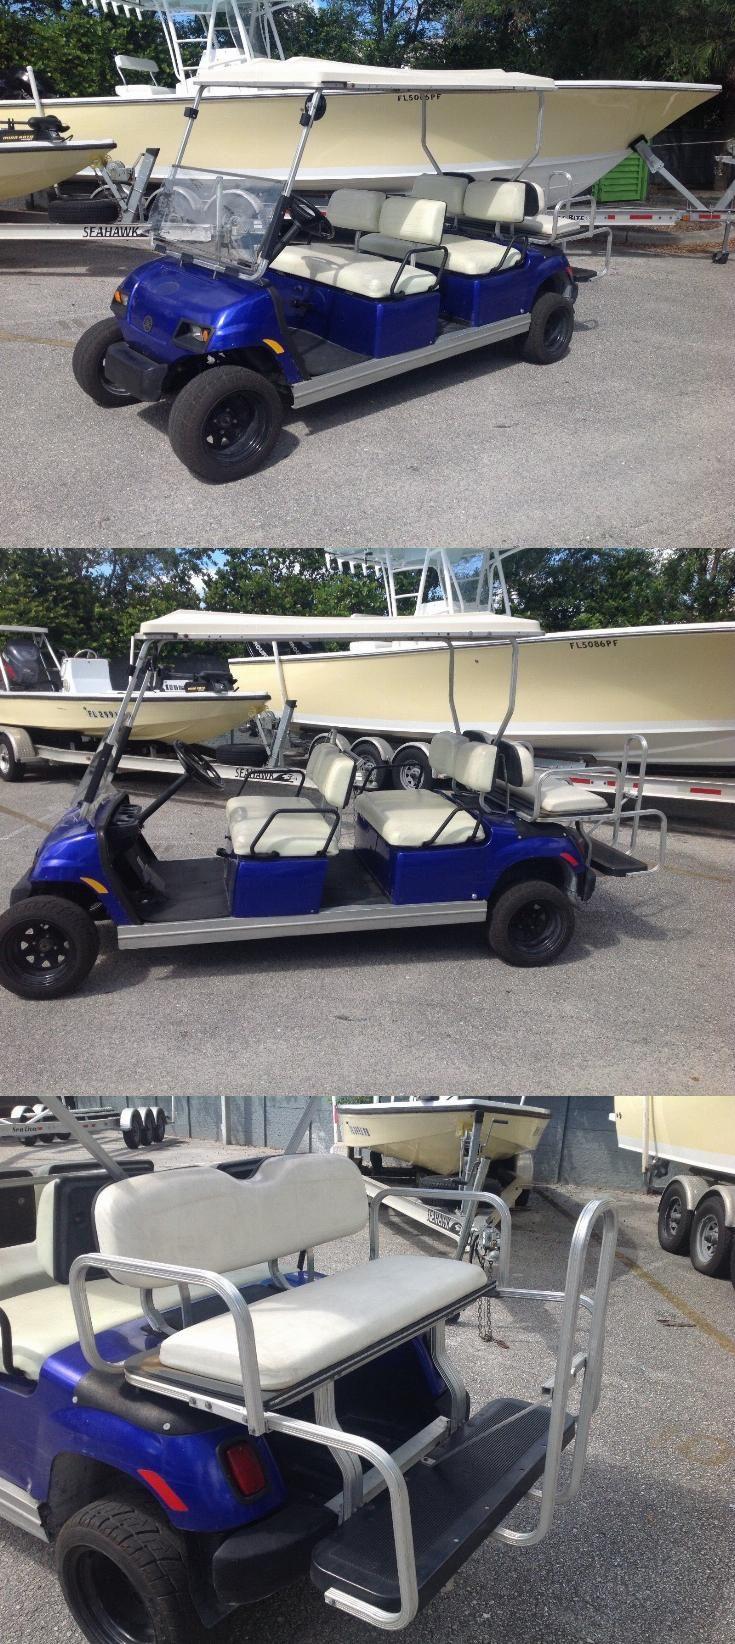 lifted 2006 Yamaha golf cart Yamaha golf carts, Golf